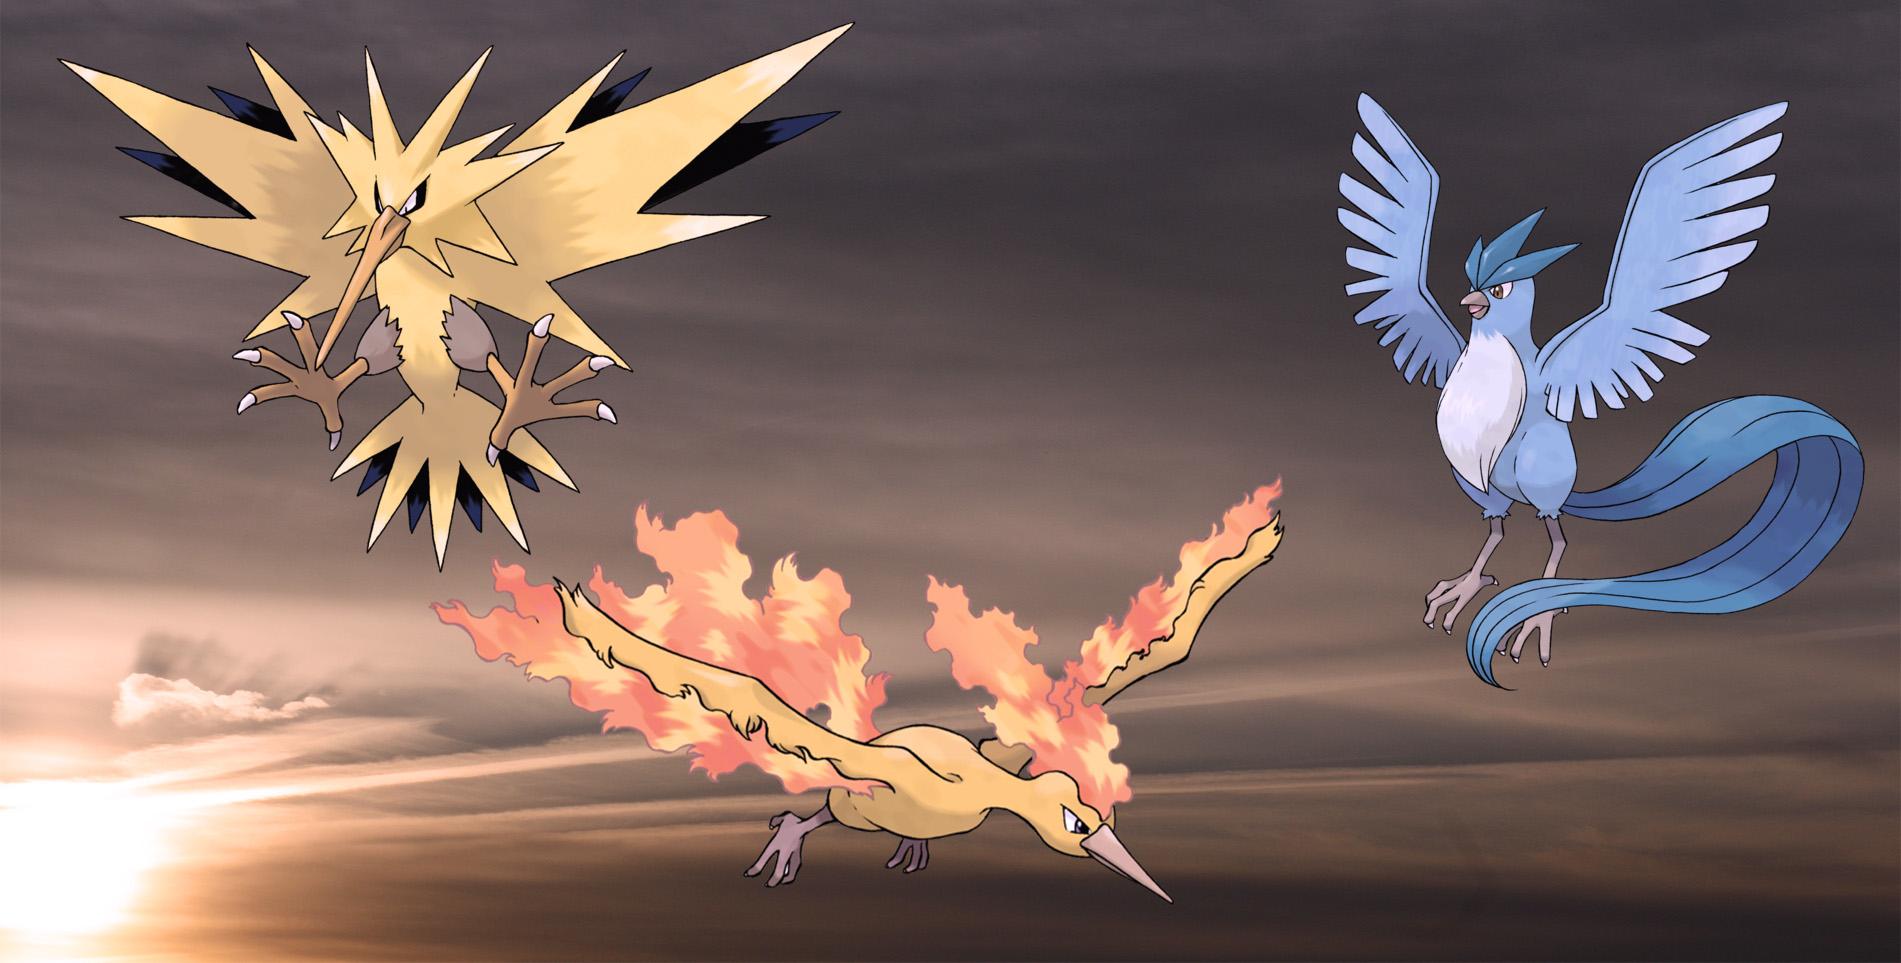 Pokémon GO: Legendäre Raids werden bereits getestet